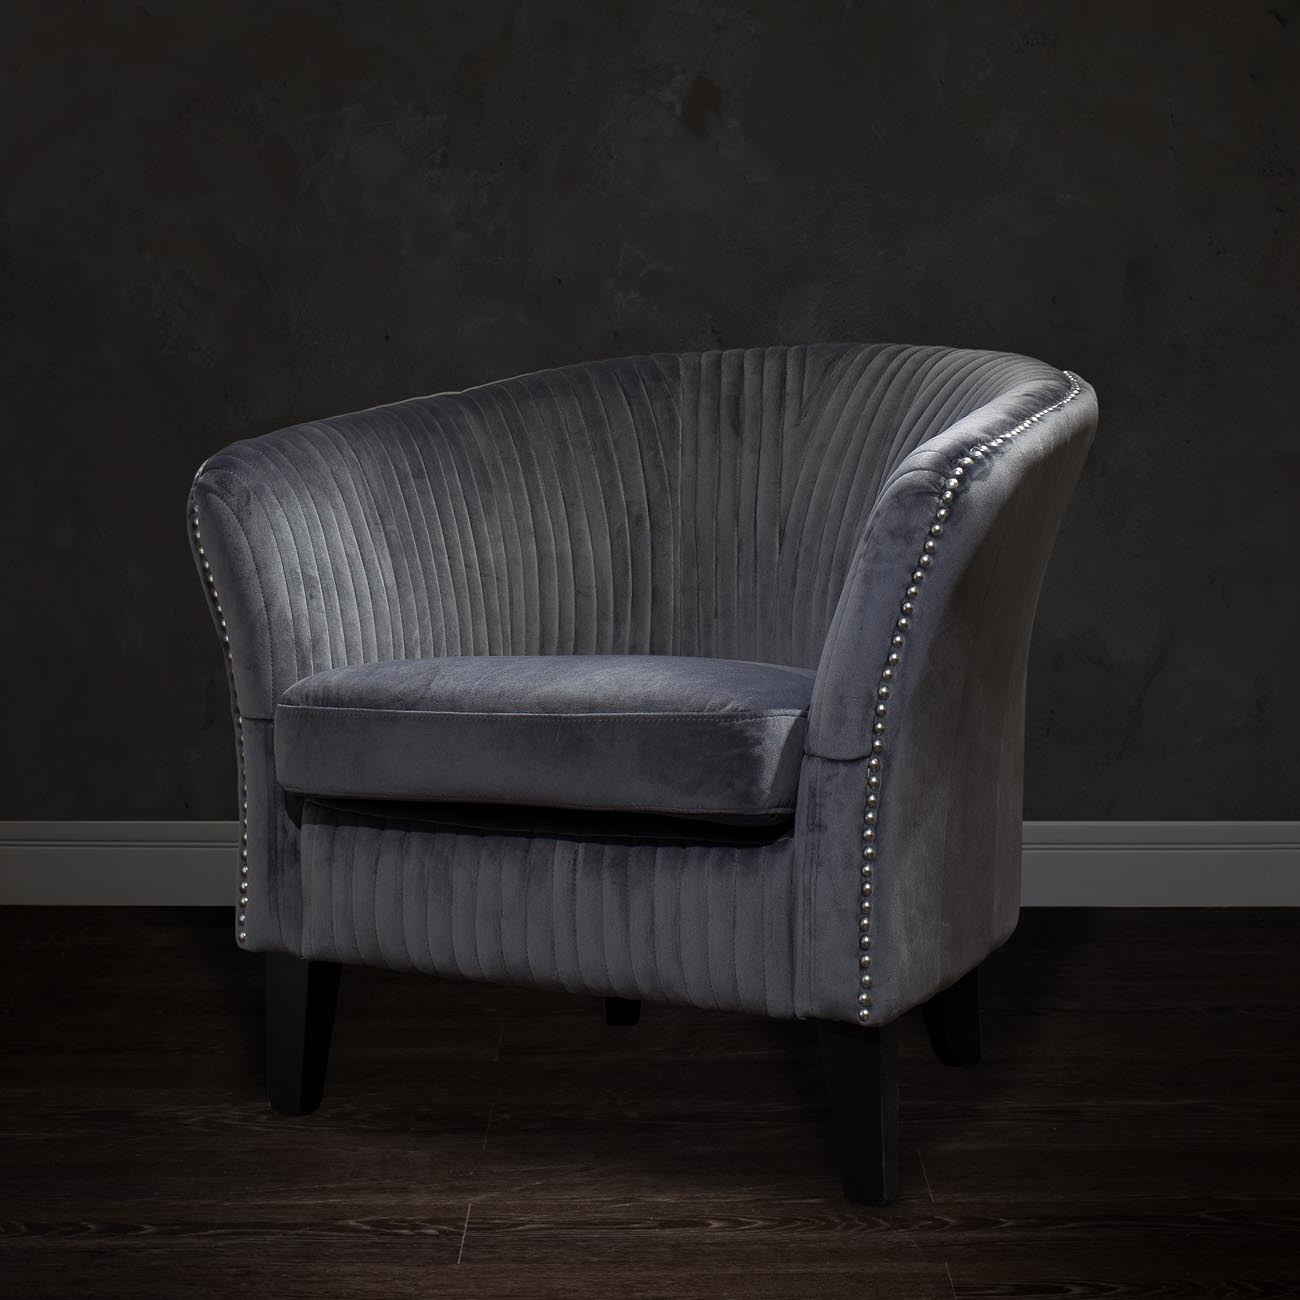 Кресло низкое велюровое серое (PJS30801-PJ636) Garda Decor